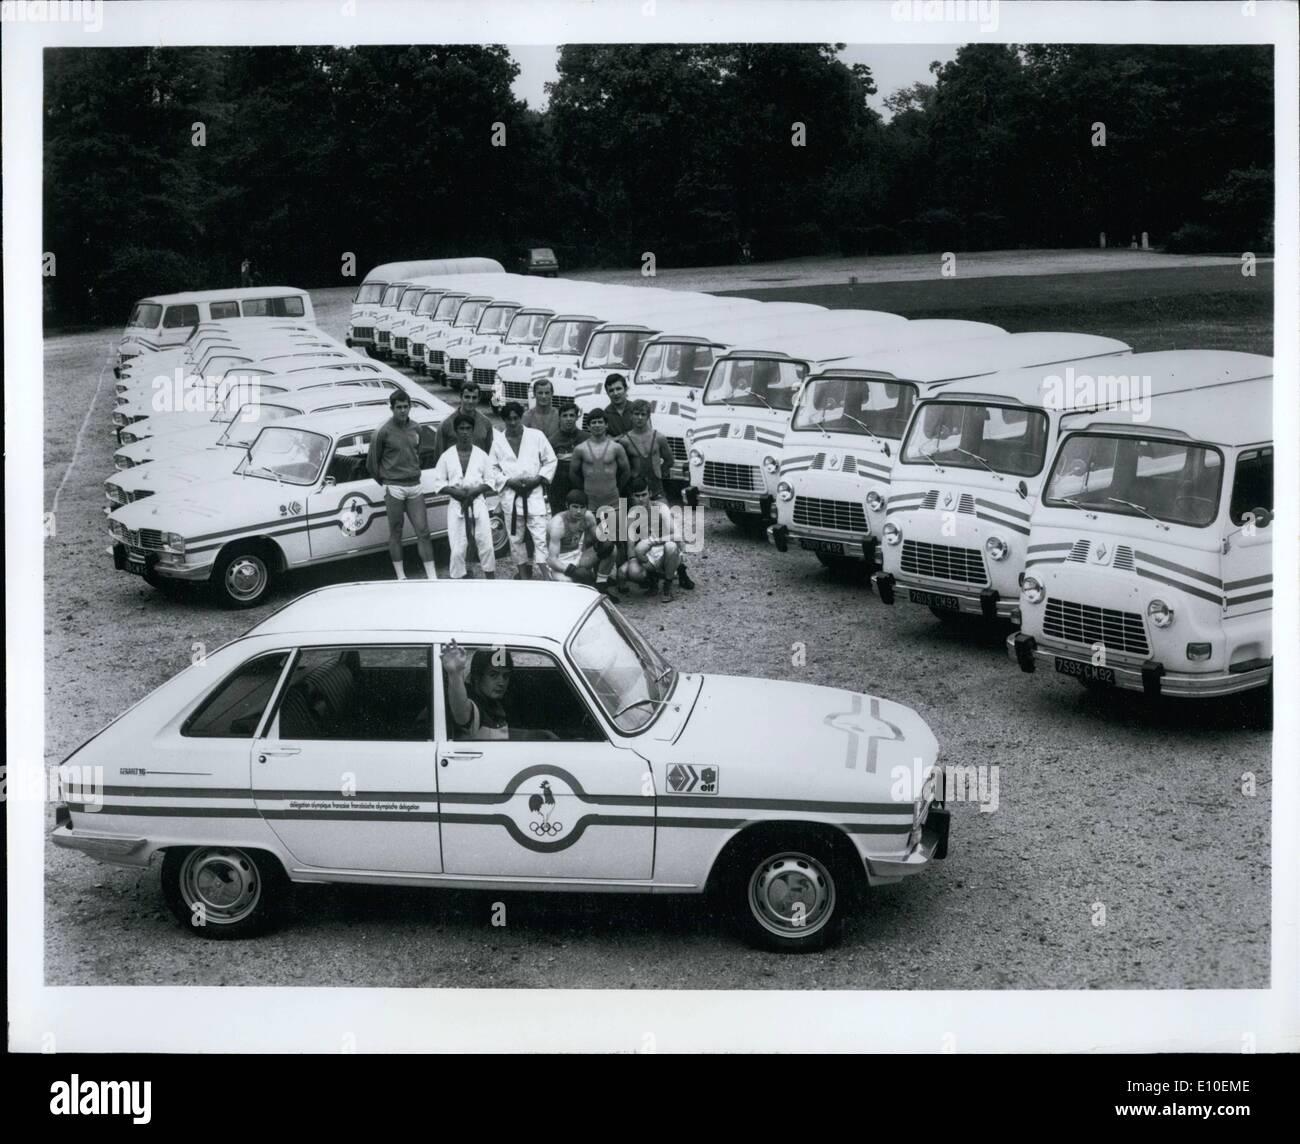 Agosto 08, 1972 - elegido Renault para las Olimpiadas?: Apenas, desde el deporte de motor no está incluido Imagen De Stock